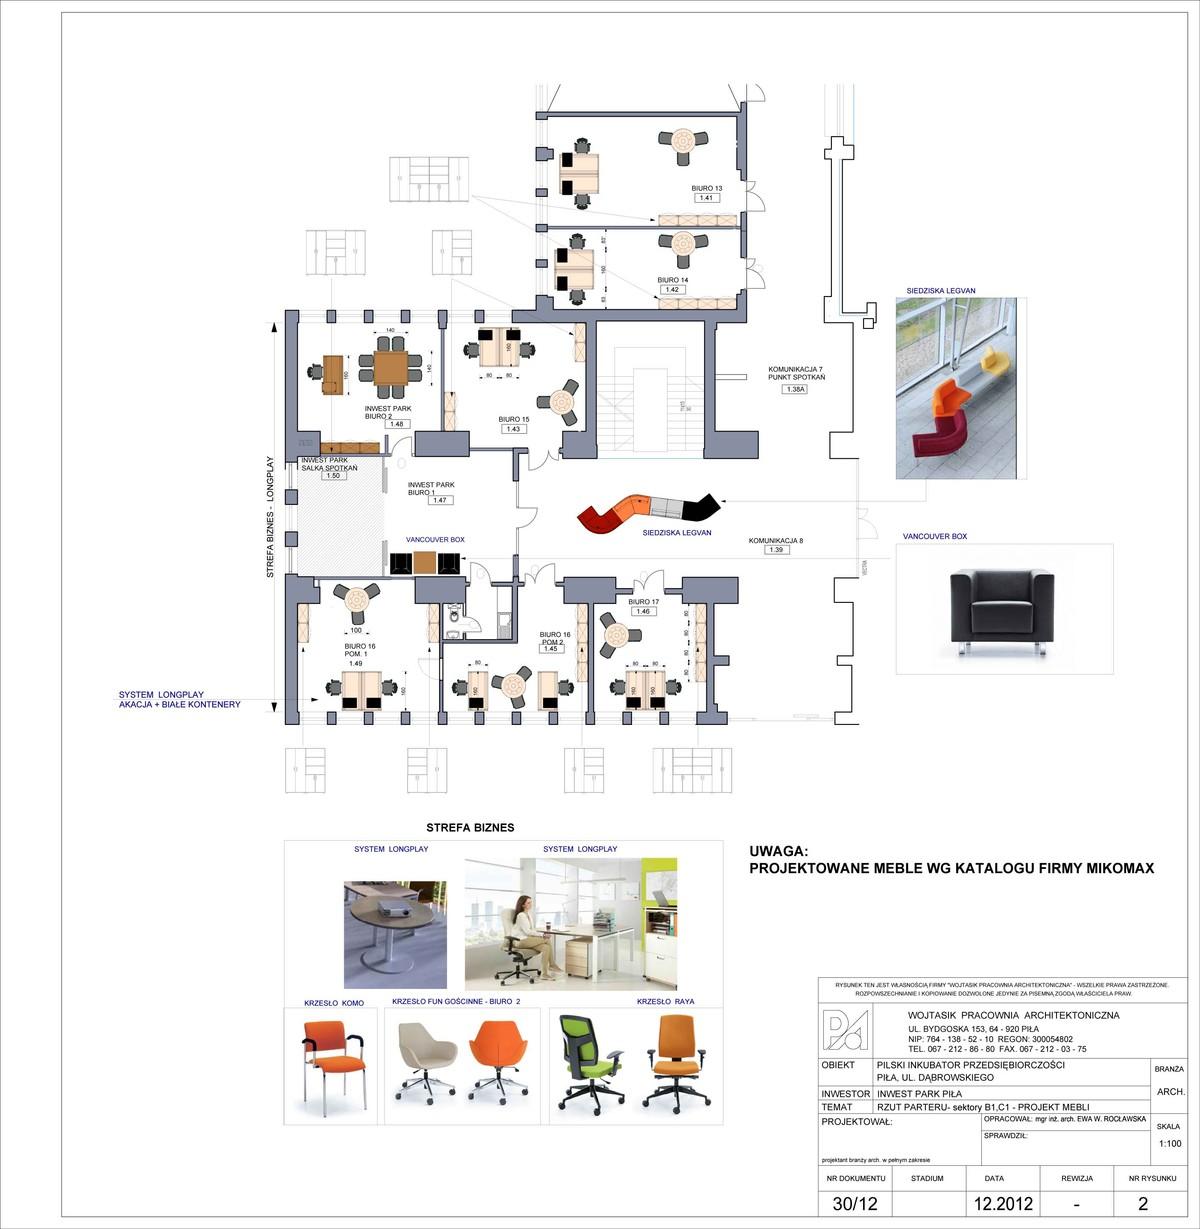 Floor plan part 2